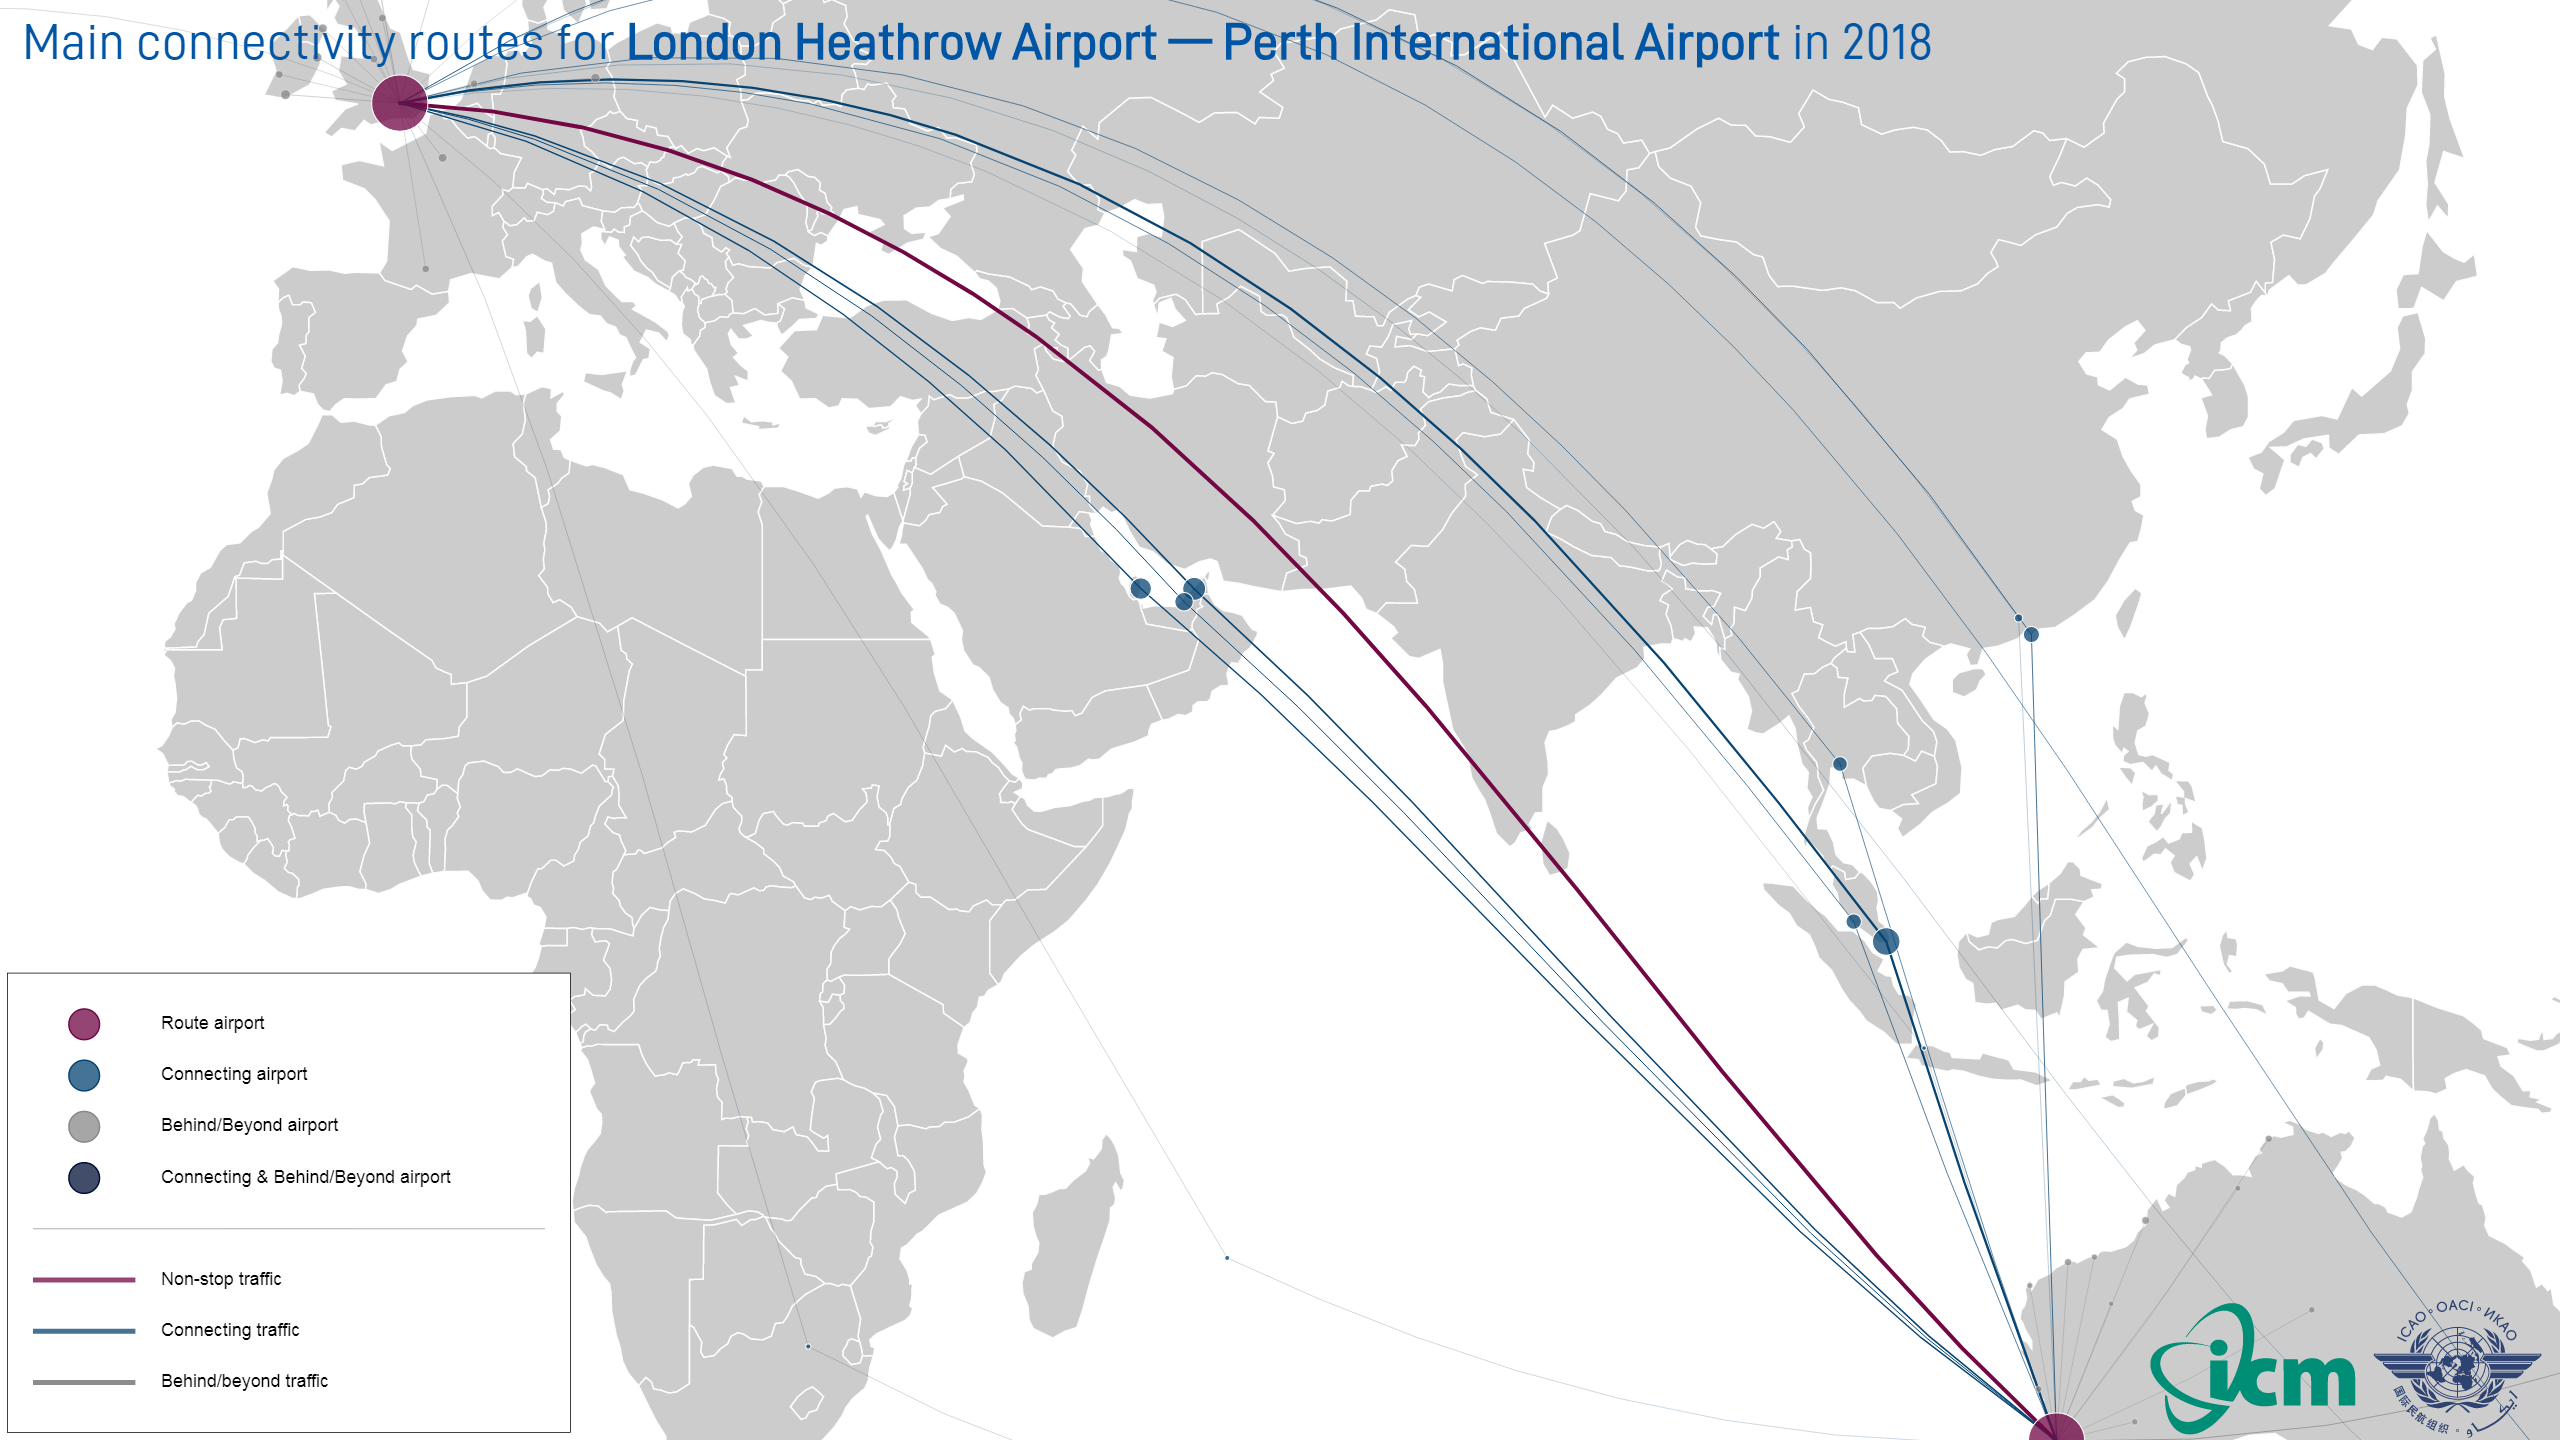 ICM_GATO_route_map_LHR_PER_2018